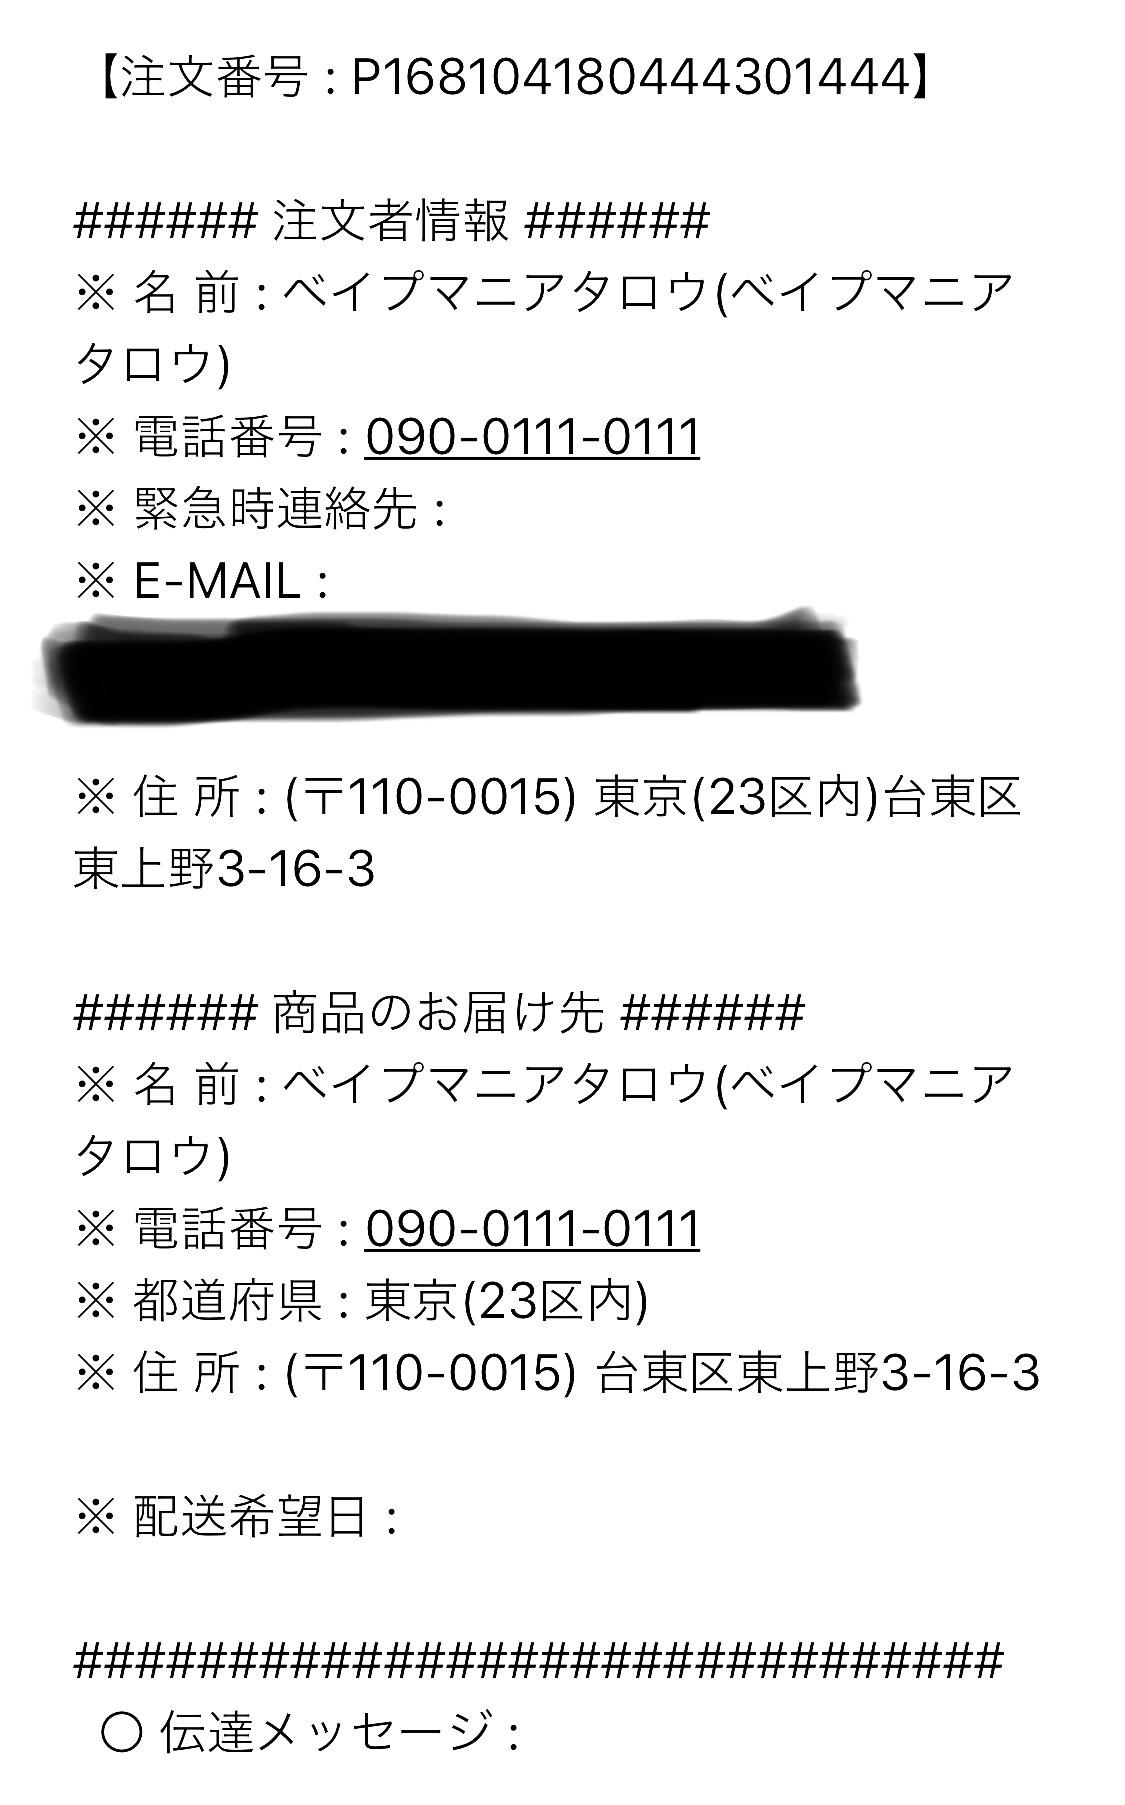 注文確認メール2